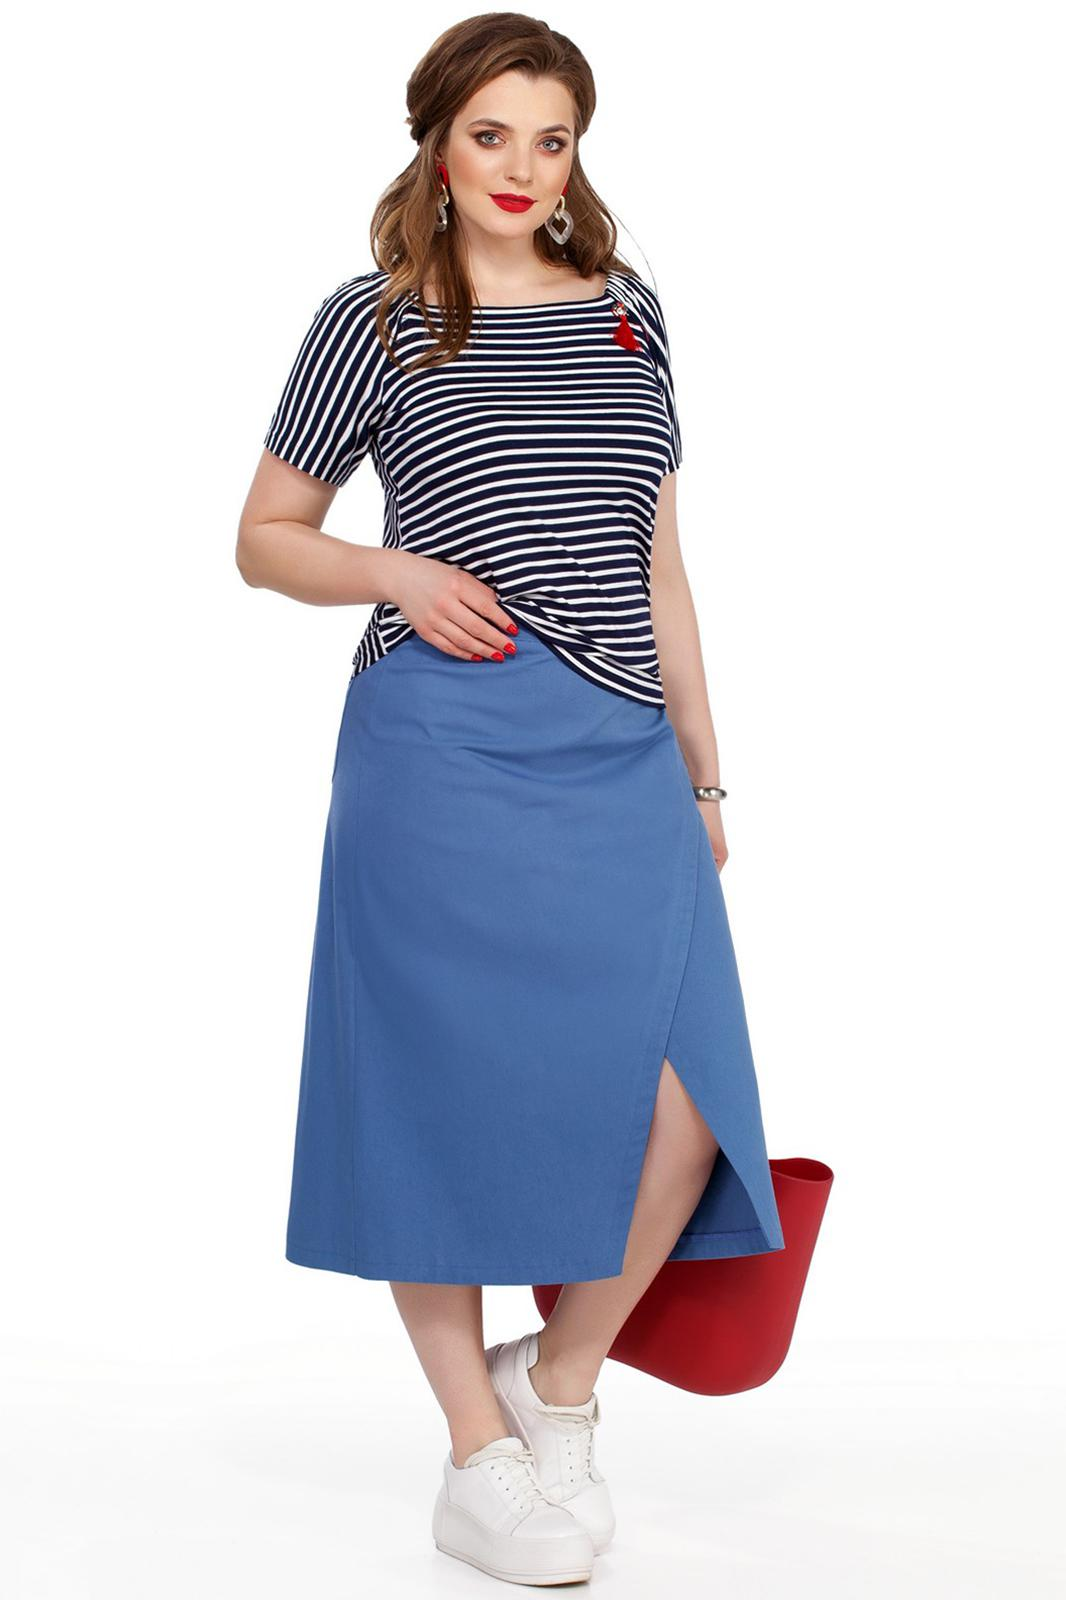 dbc0ecf2e69 Купить белорусский женский костюм большого размера в Минске